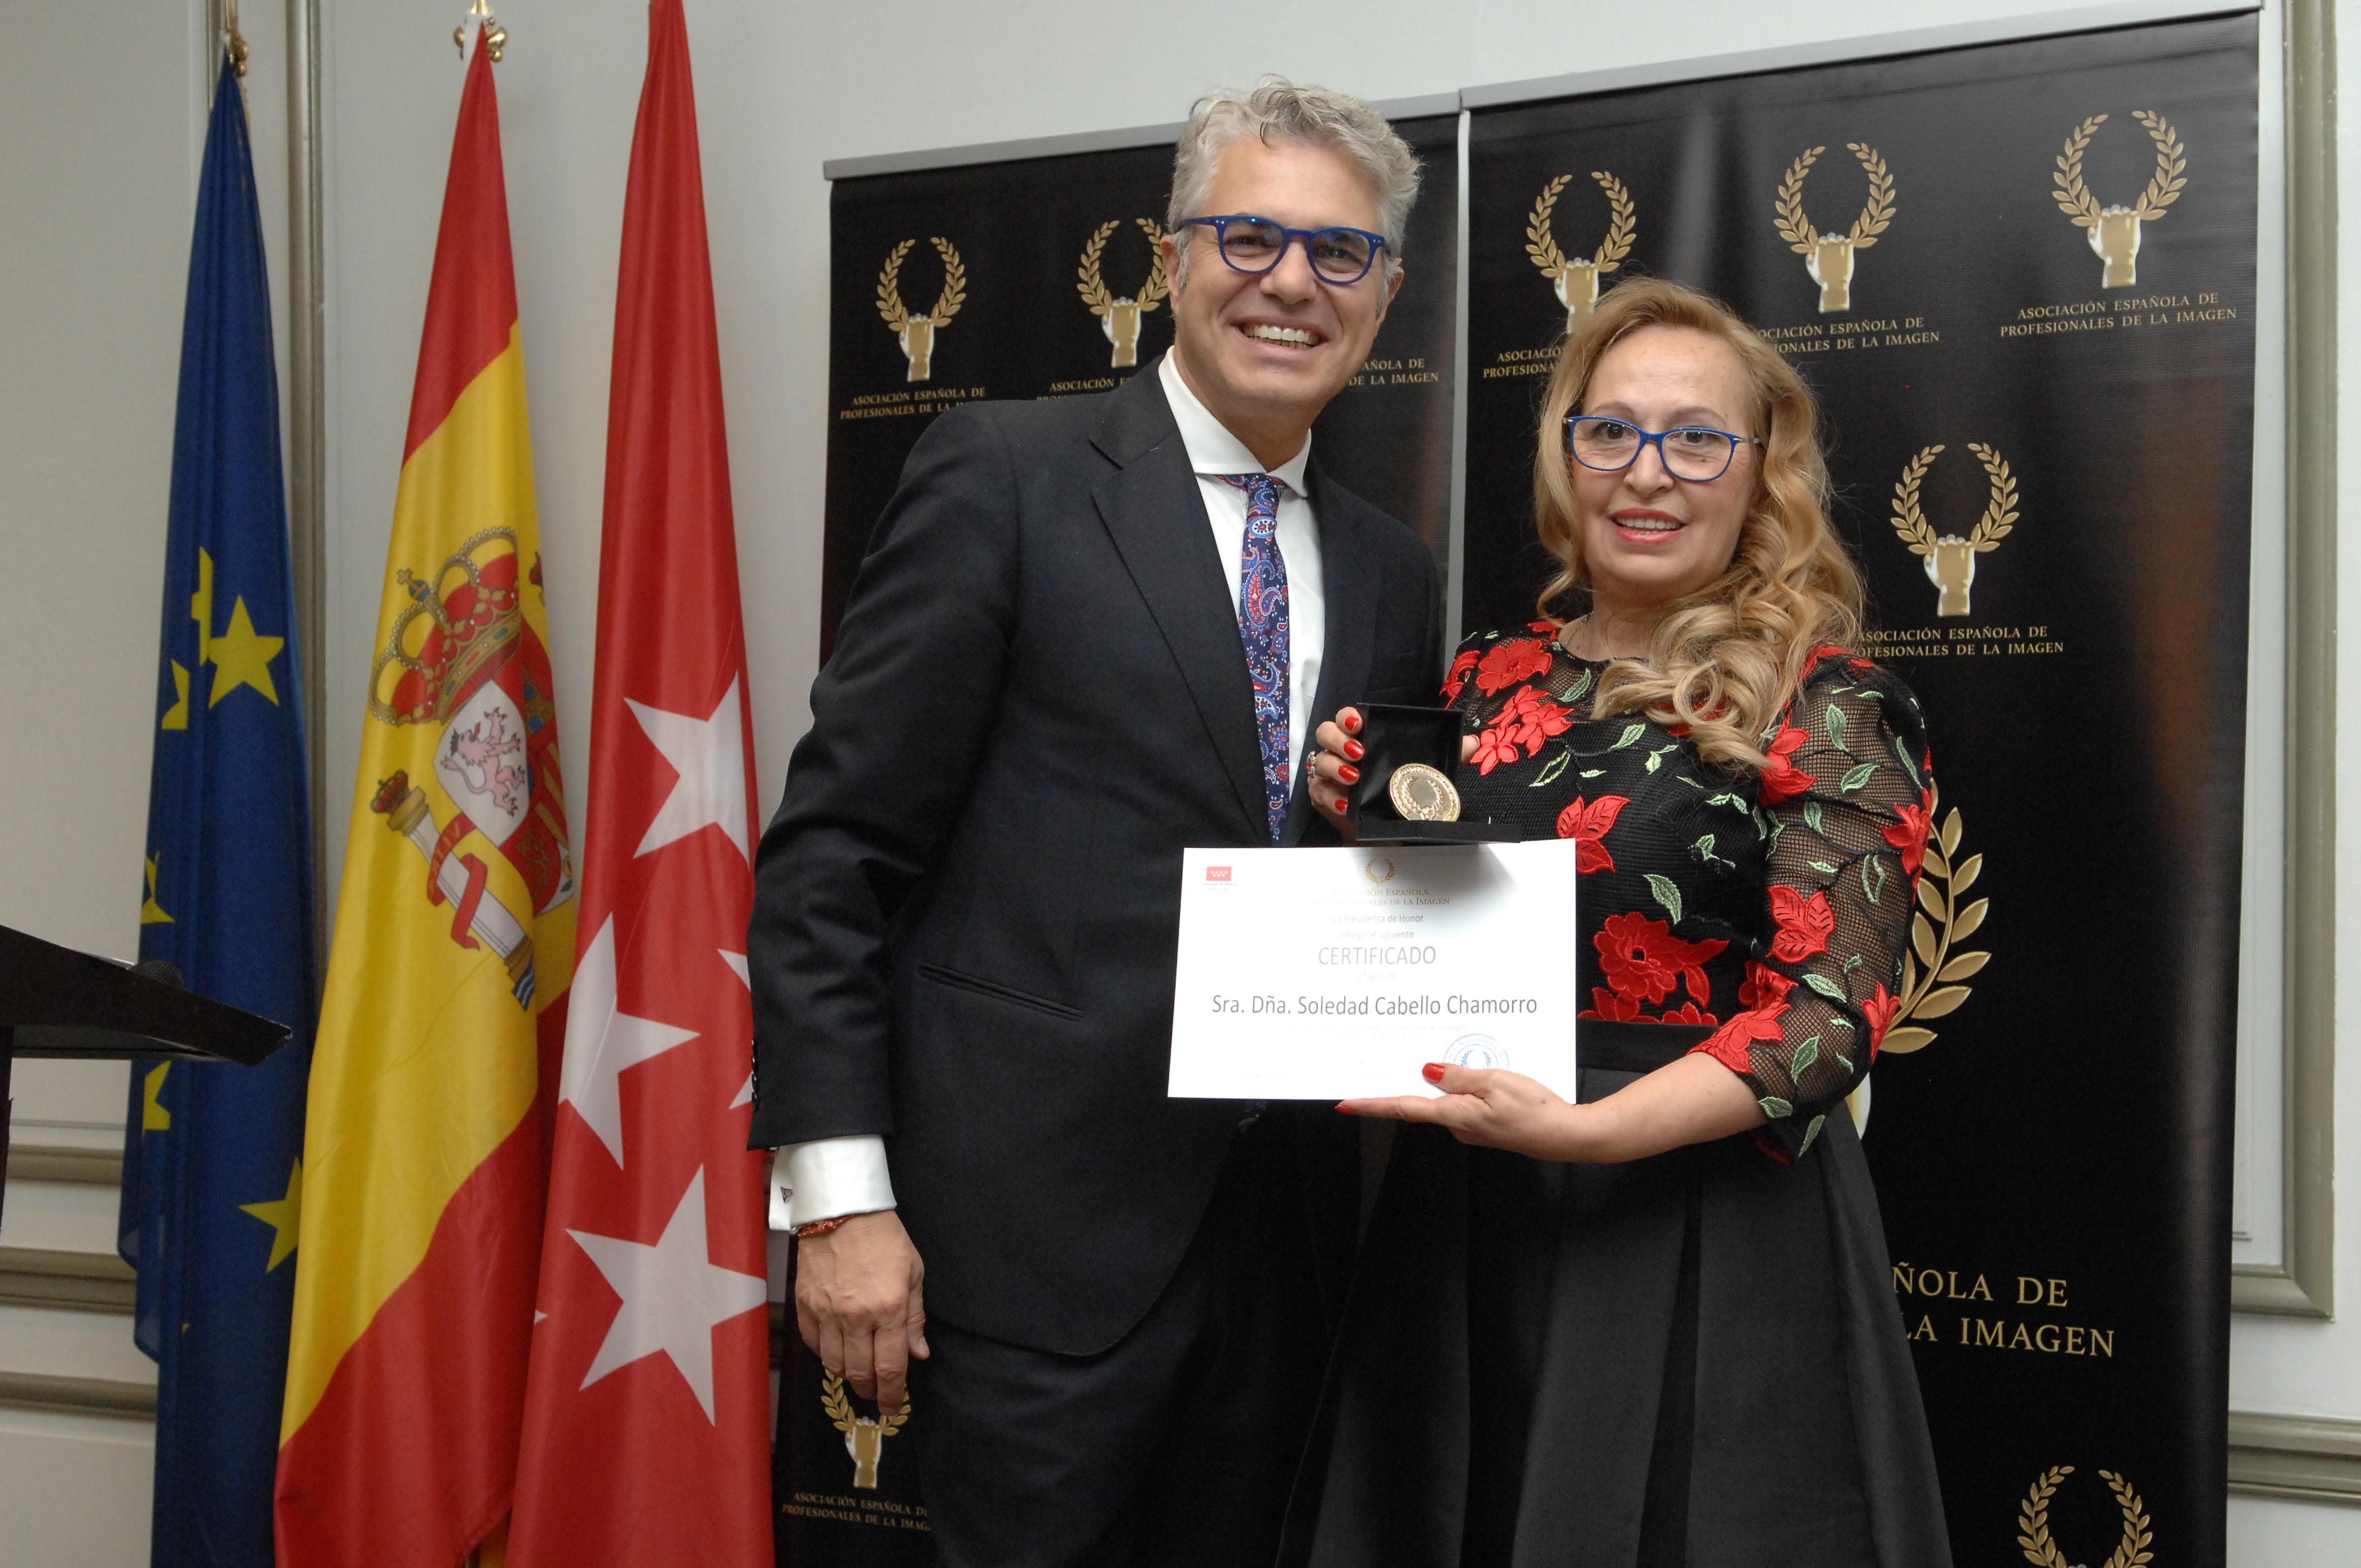 premio de la Asociación Nacional de Profesionales de la Imagen aepi